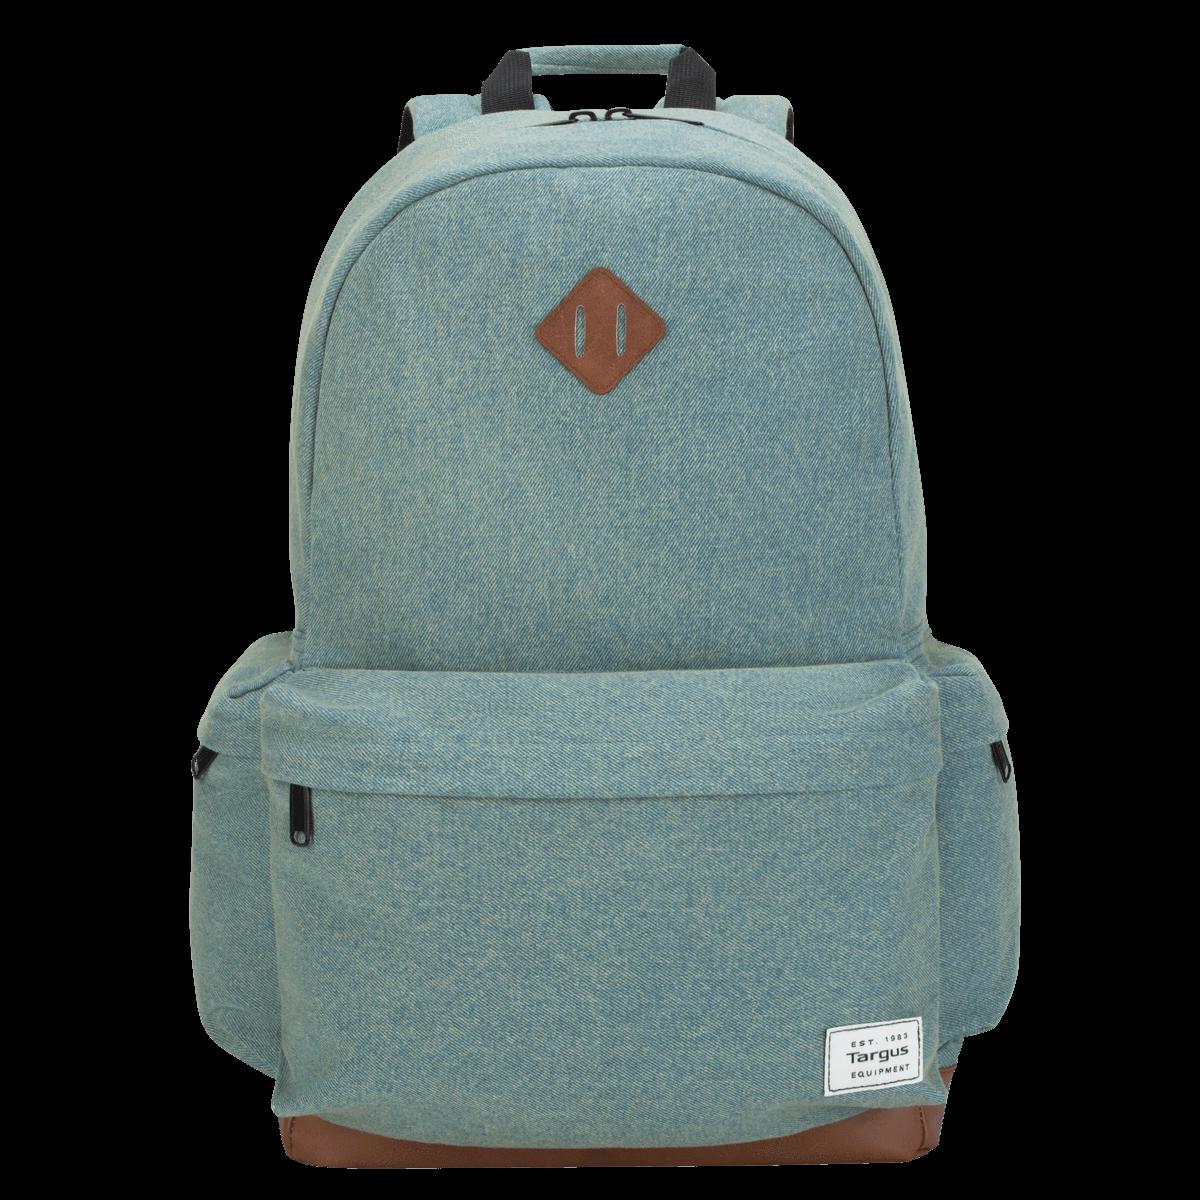 Targus 15.6 strata backpack (denim) - tsb93607gl:  $16.99 + fs